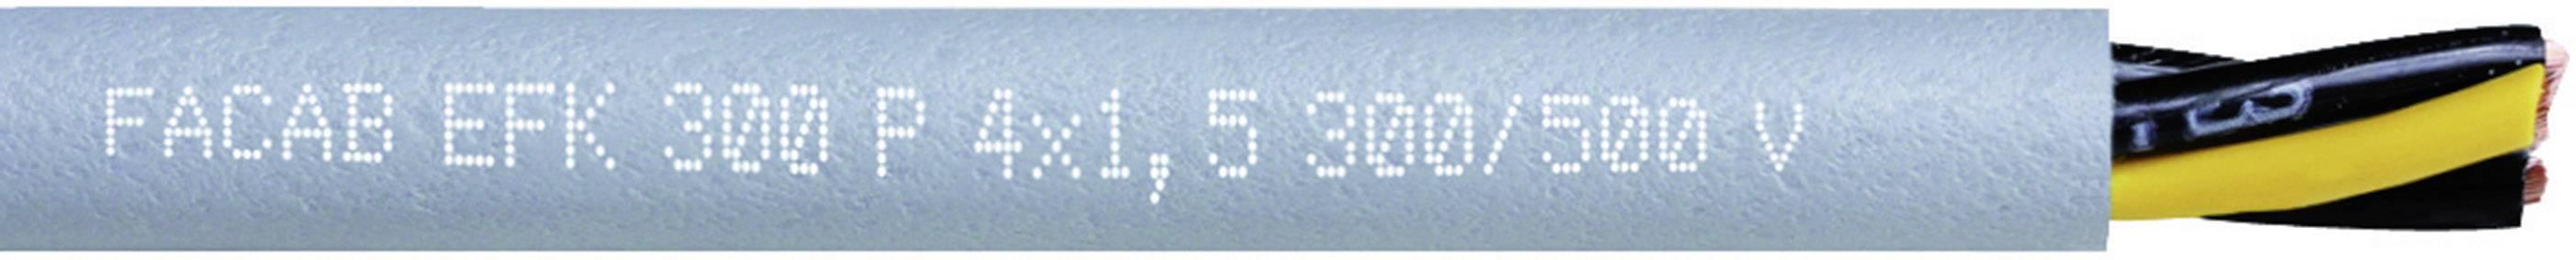 Tažný kabel Faber Kabel EFK 300 P AD300 - SCHLEPPLTG. TPE/PUR (030952), 4x 0,5 mm², polyurethan, Ø 5,7 mm, nes